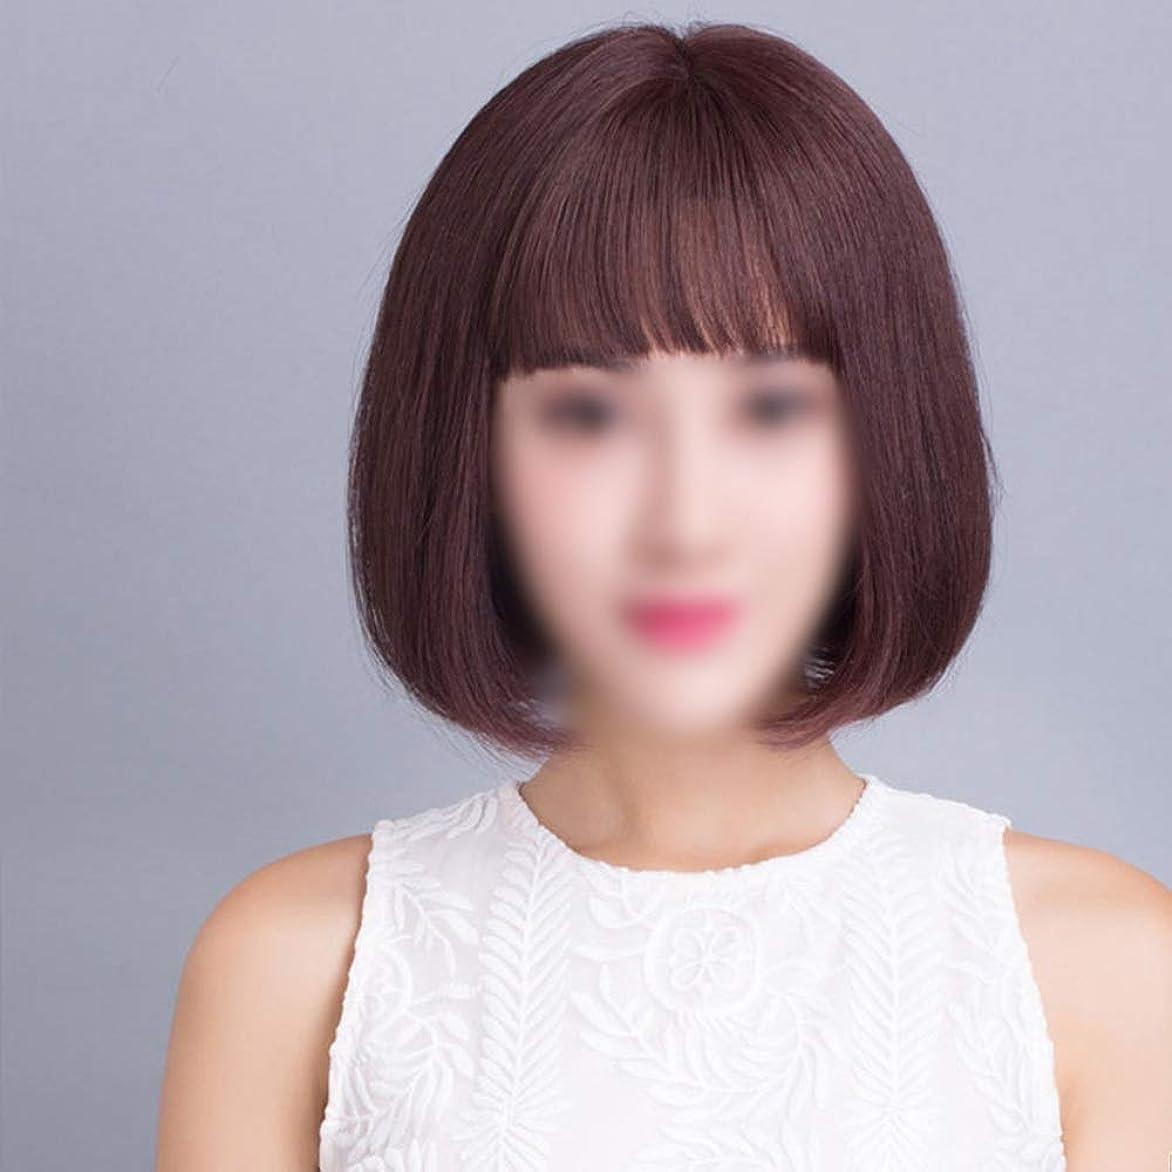 船彫刻扱うYESONEEP 女性の短い髪本物の髪ボブかつらかつらかつらファッションかつら (色 : Hand-woven top heart - dark brown)